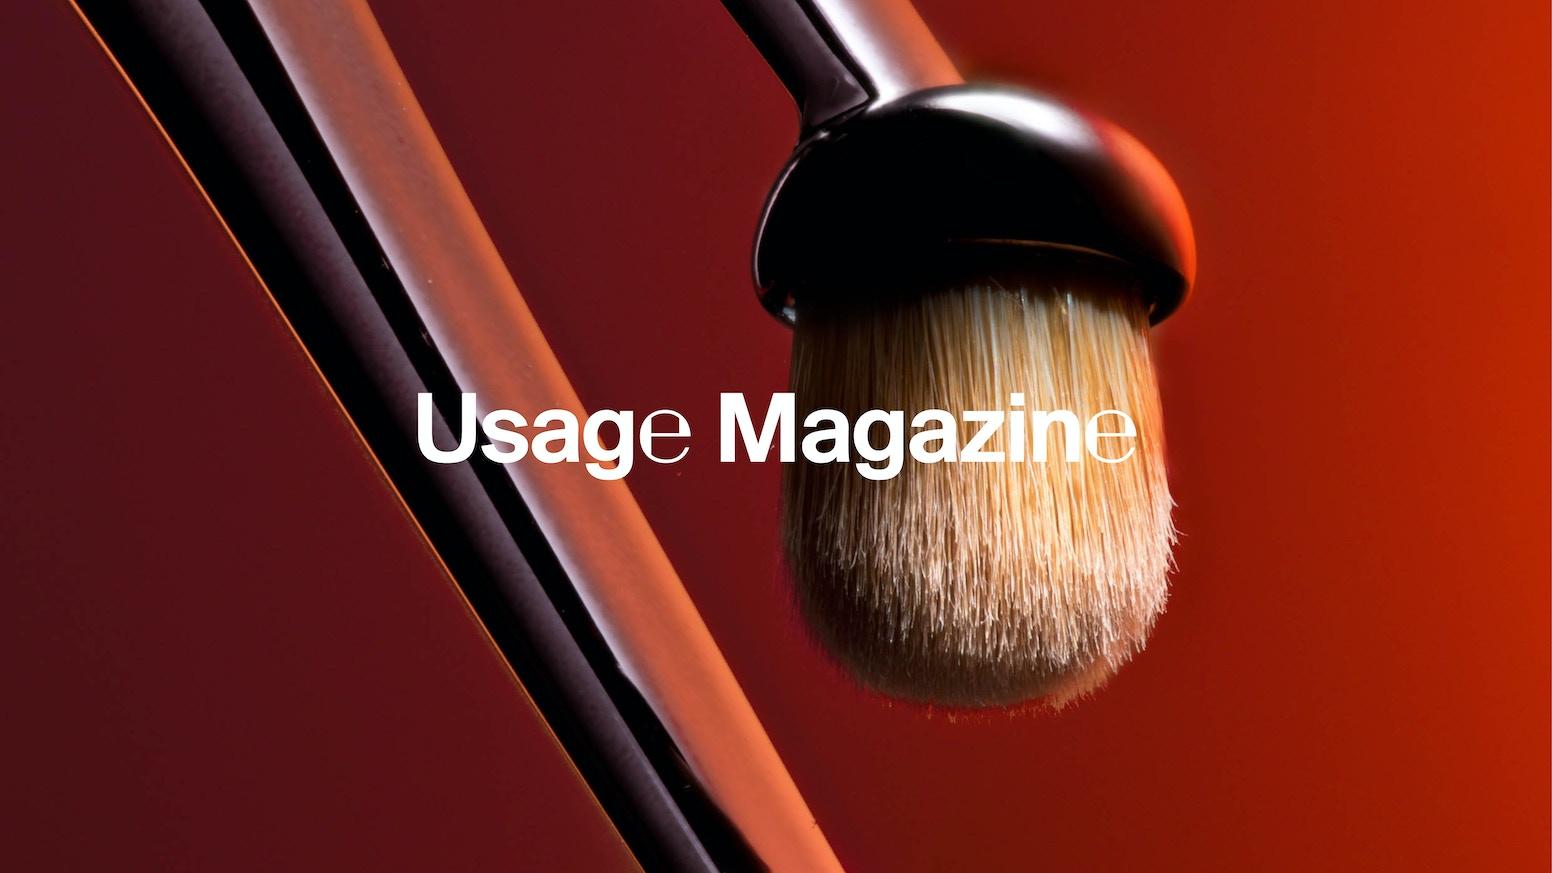 usage magazine a magazine about beauty and cosmetics by usage